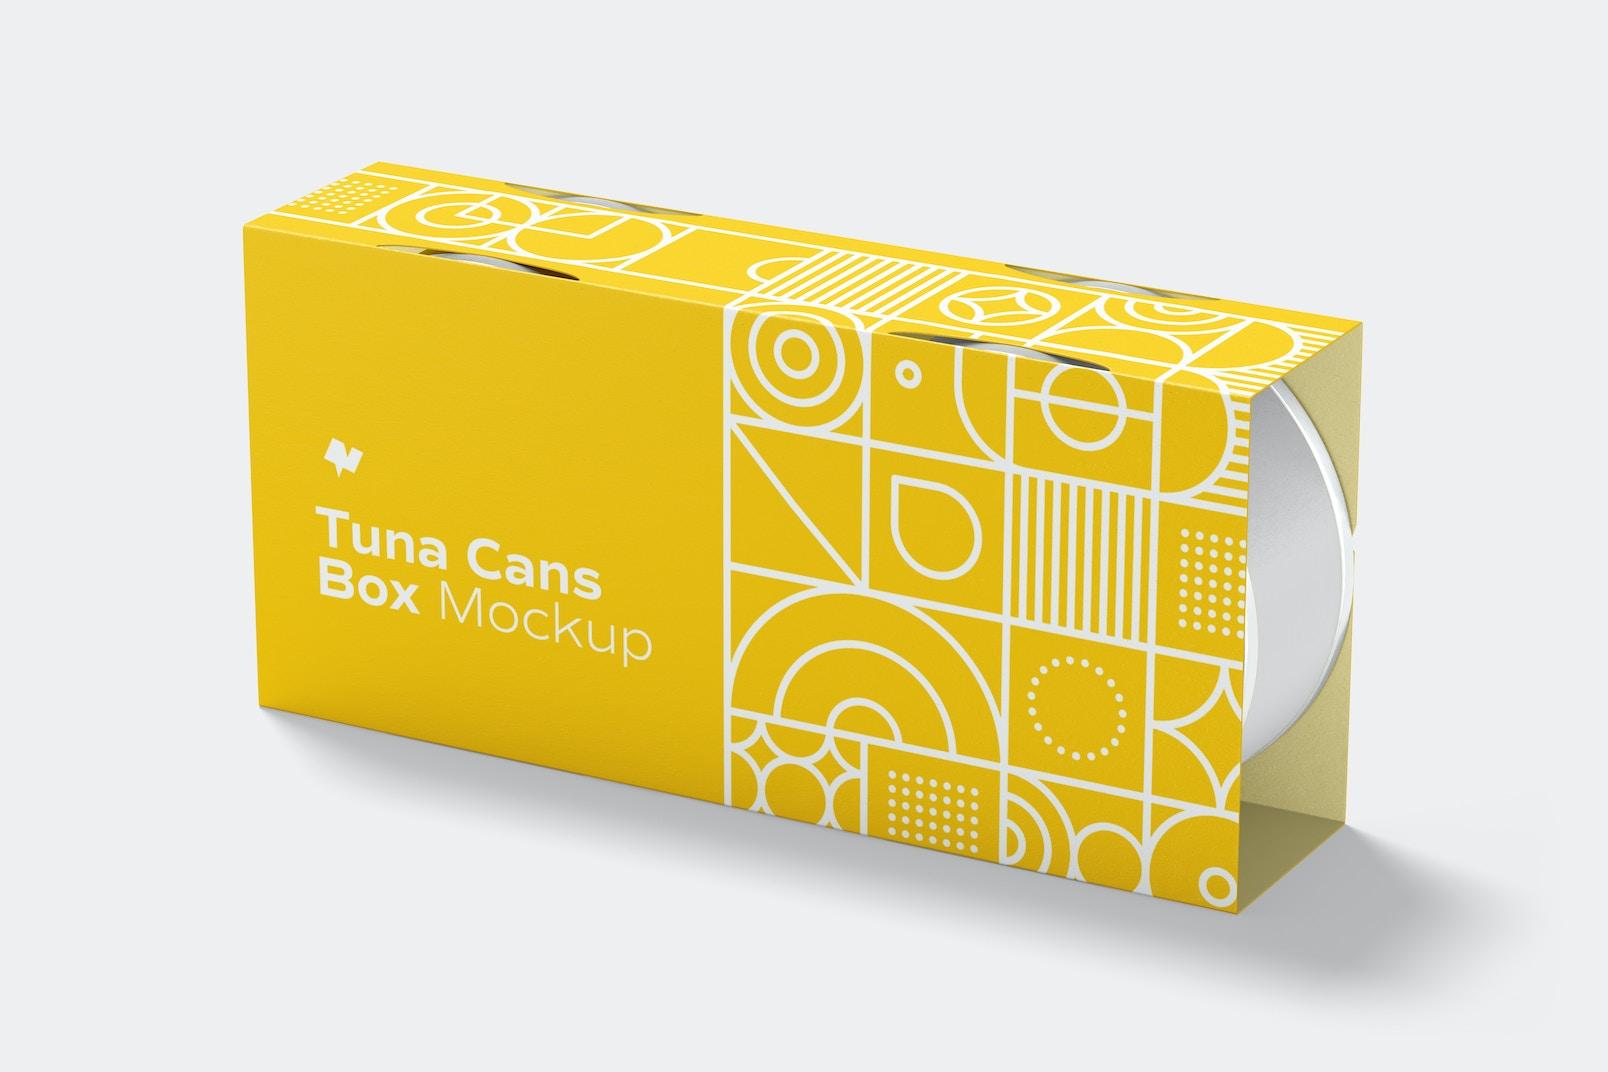 Tuna Cans Box Mockup